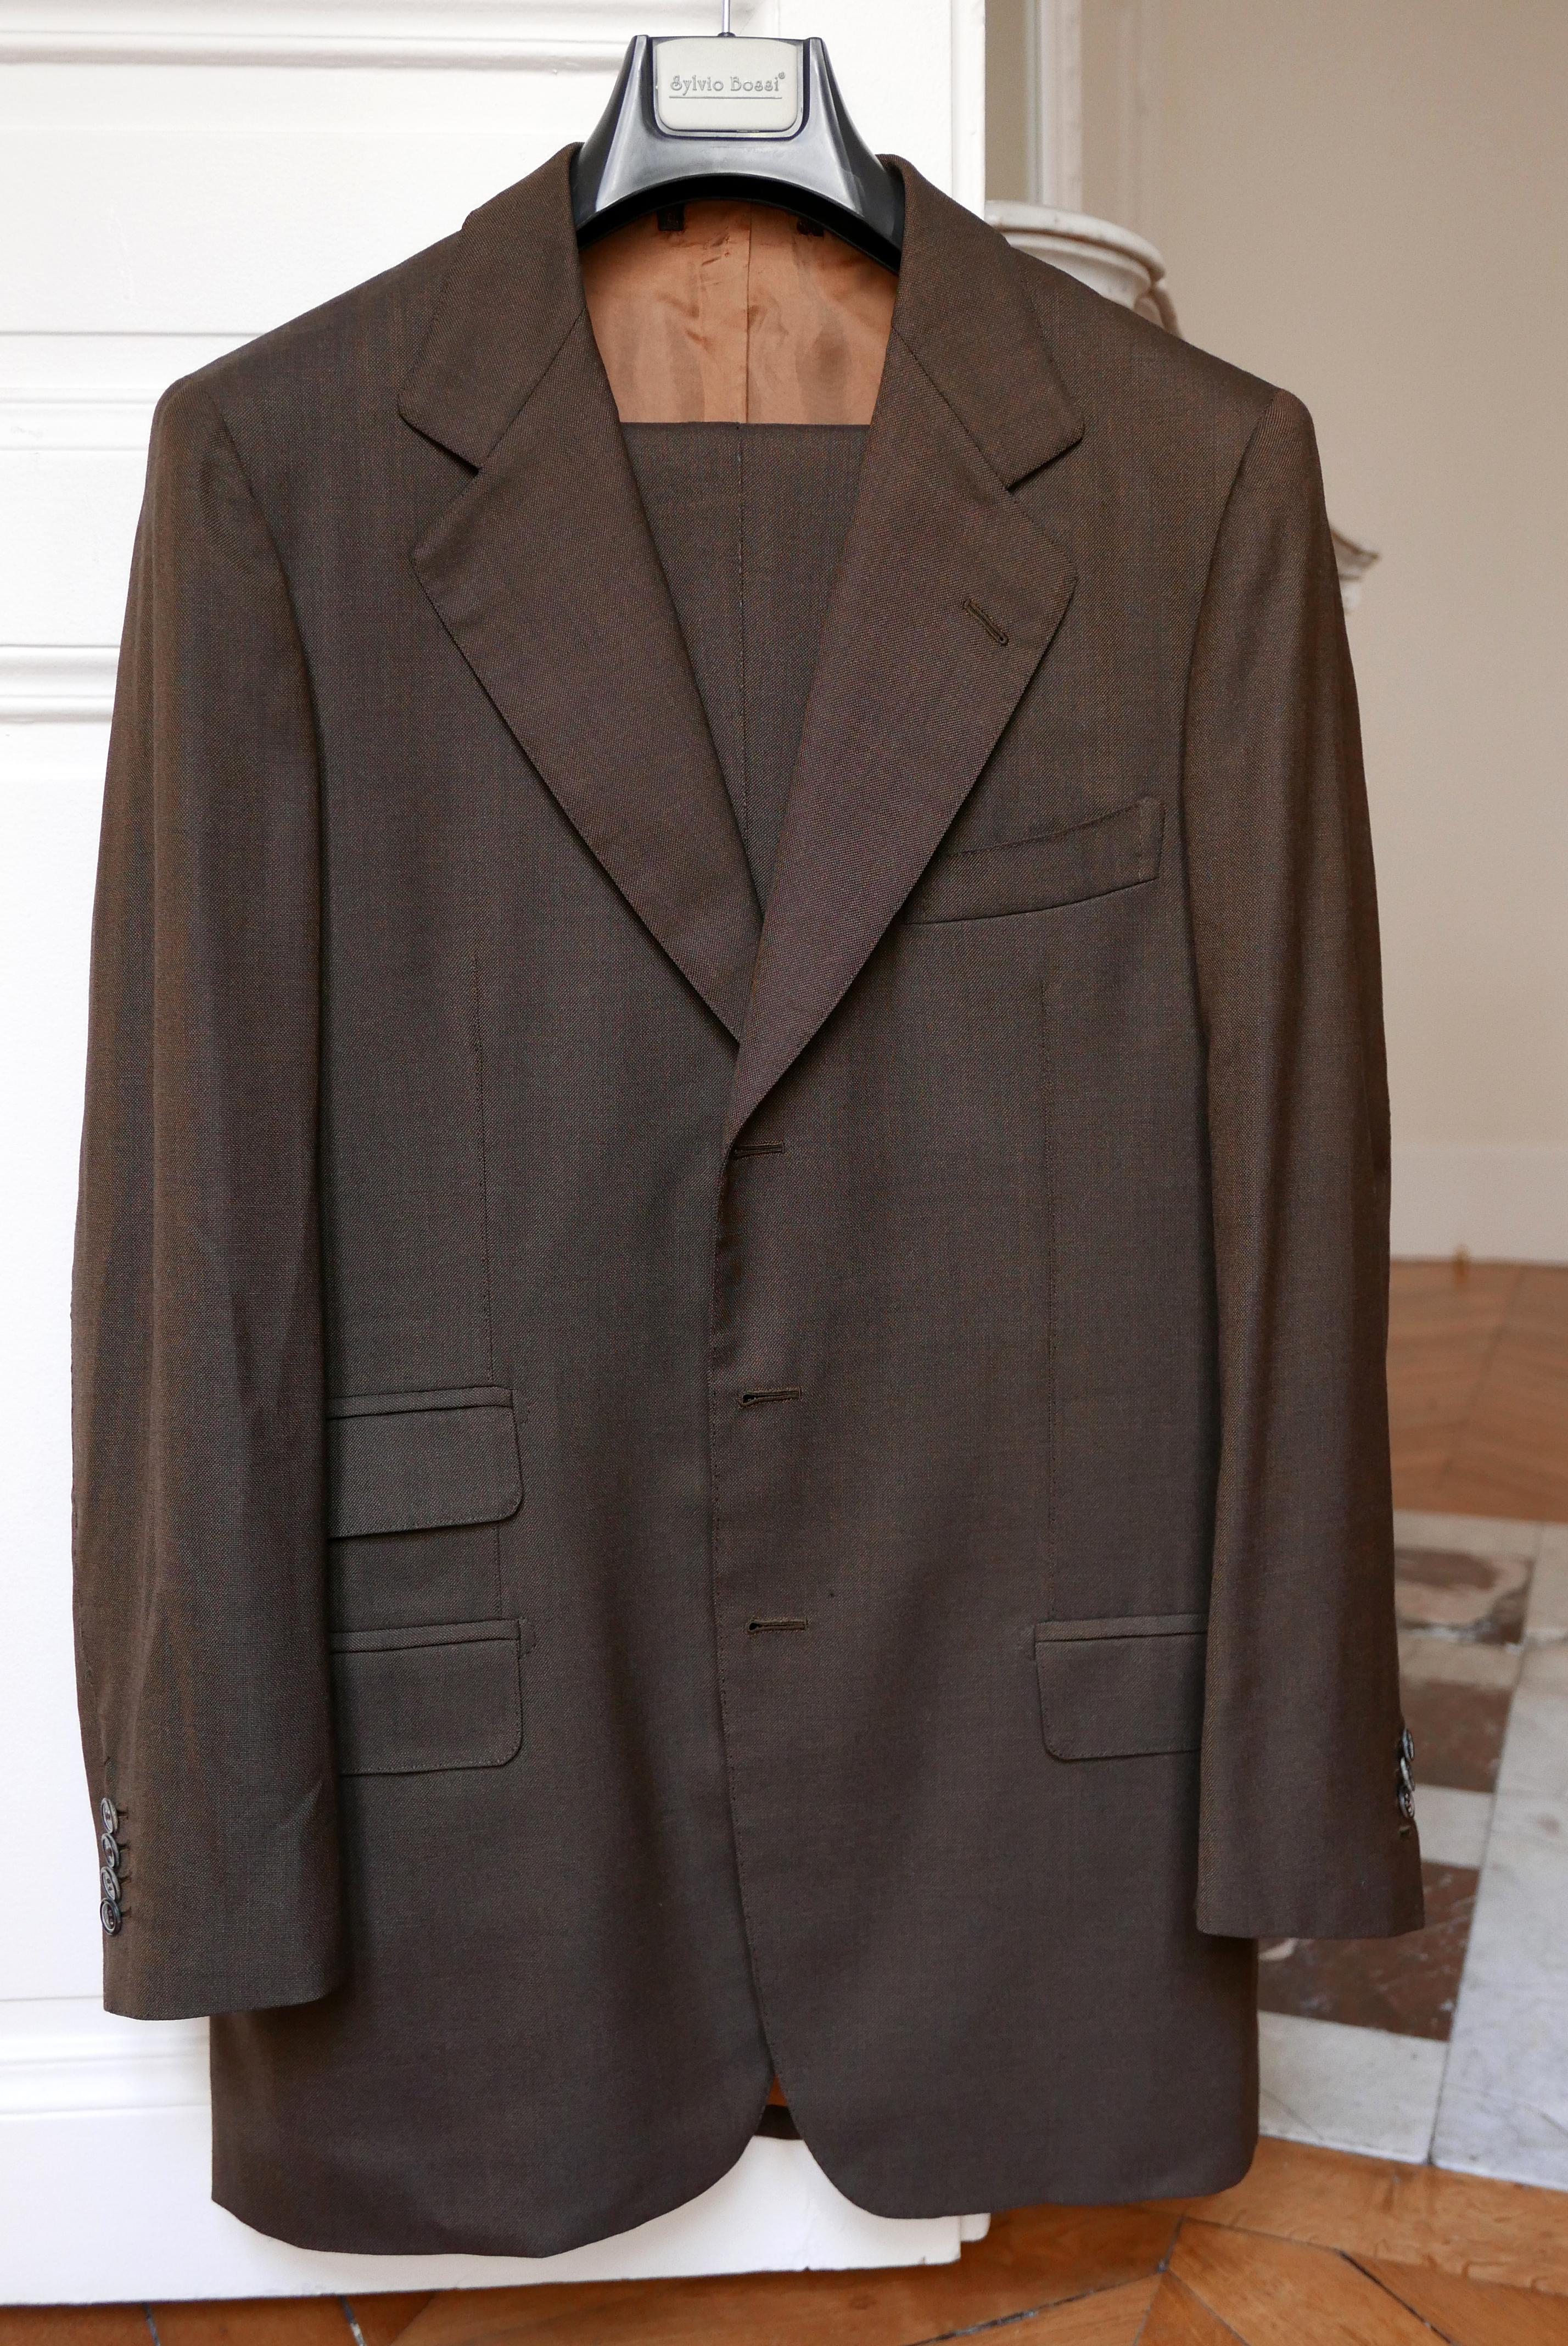 Vide-dressing homme/Dépôt-vente - Costume trois boutons Sartoria Caristo Torino